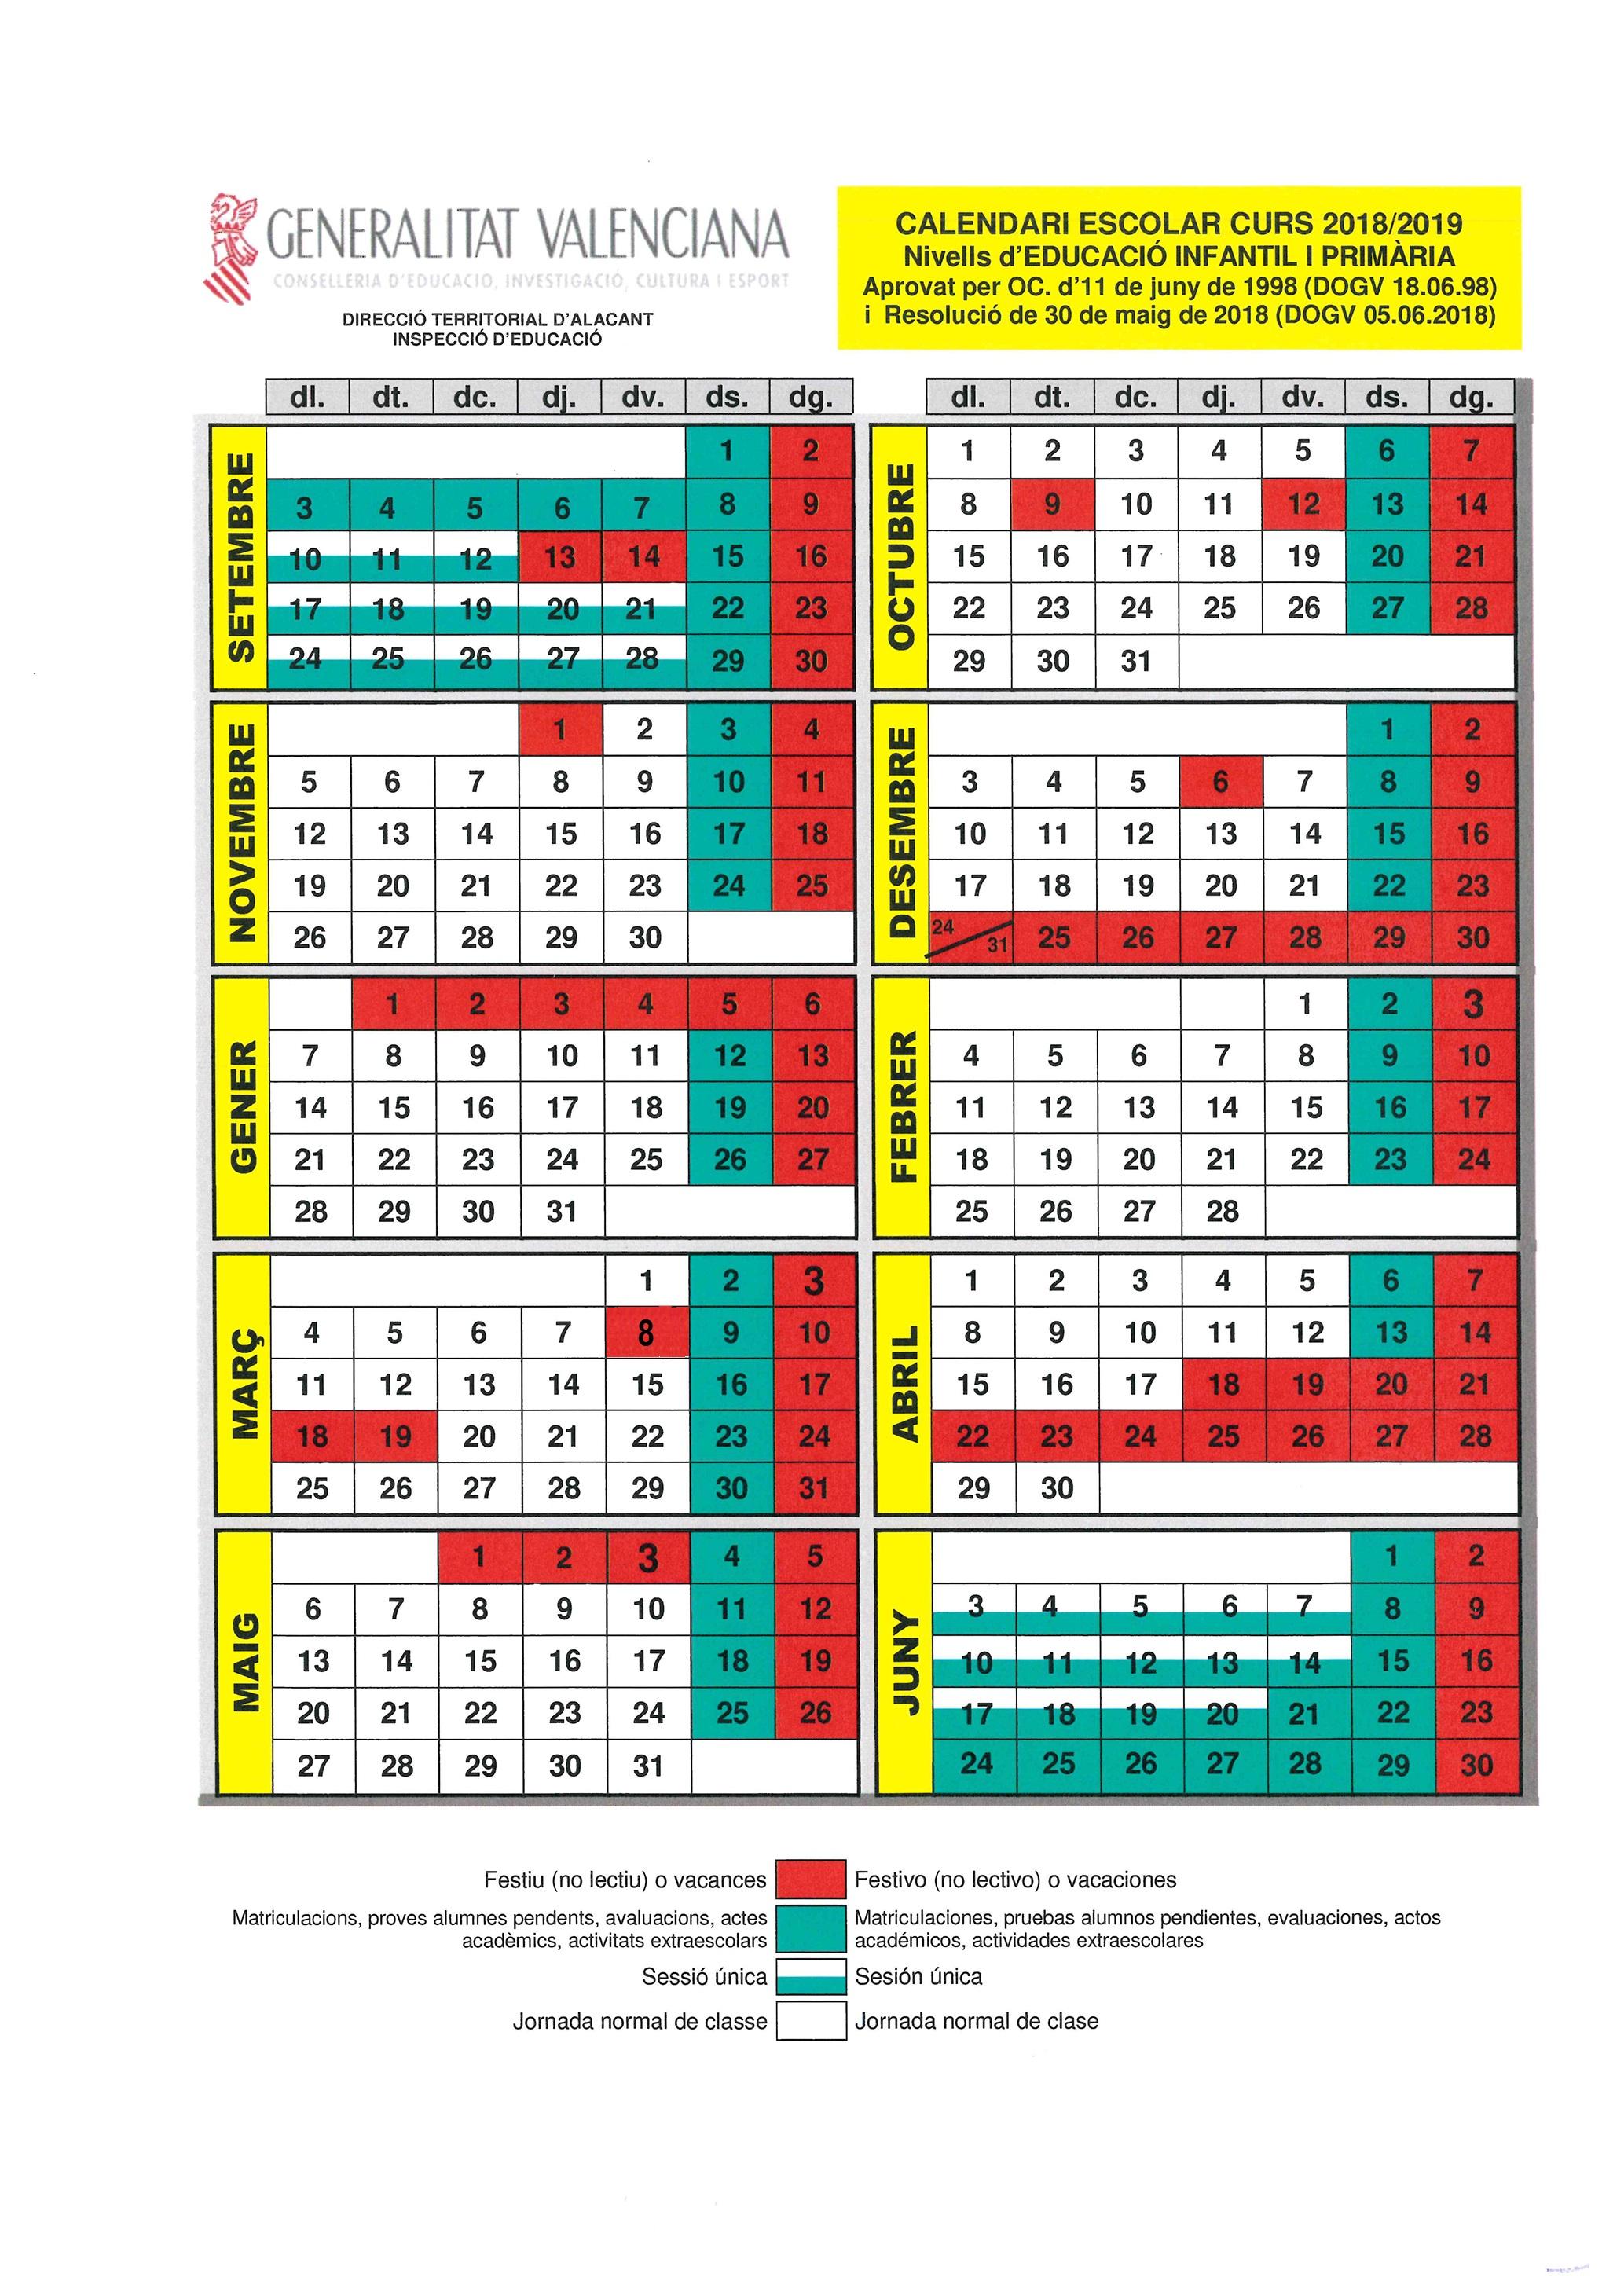 Calendario Escolar Valencia 2020.Top 10 Punto Medio Noticias Calendario 2019 Escolar 2020 Alicante